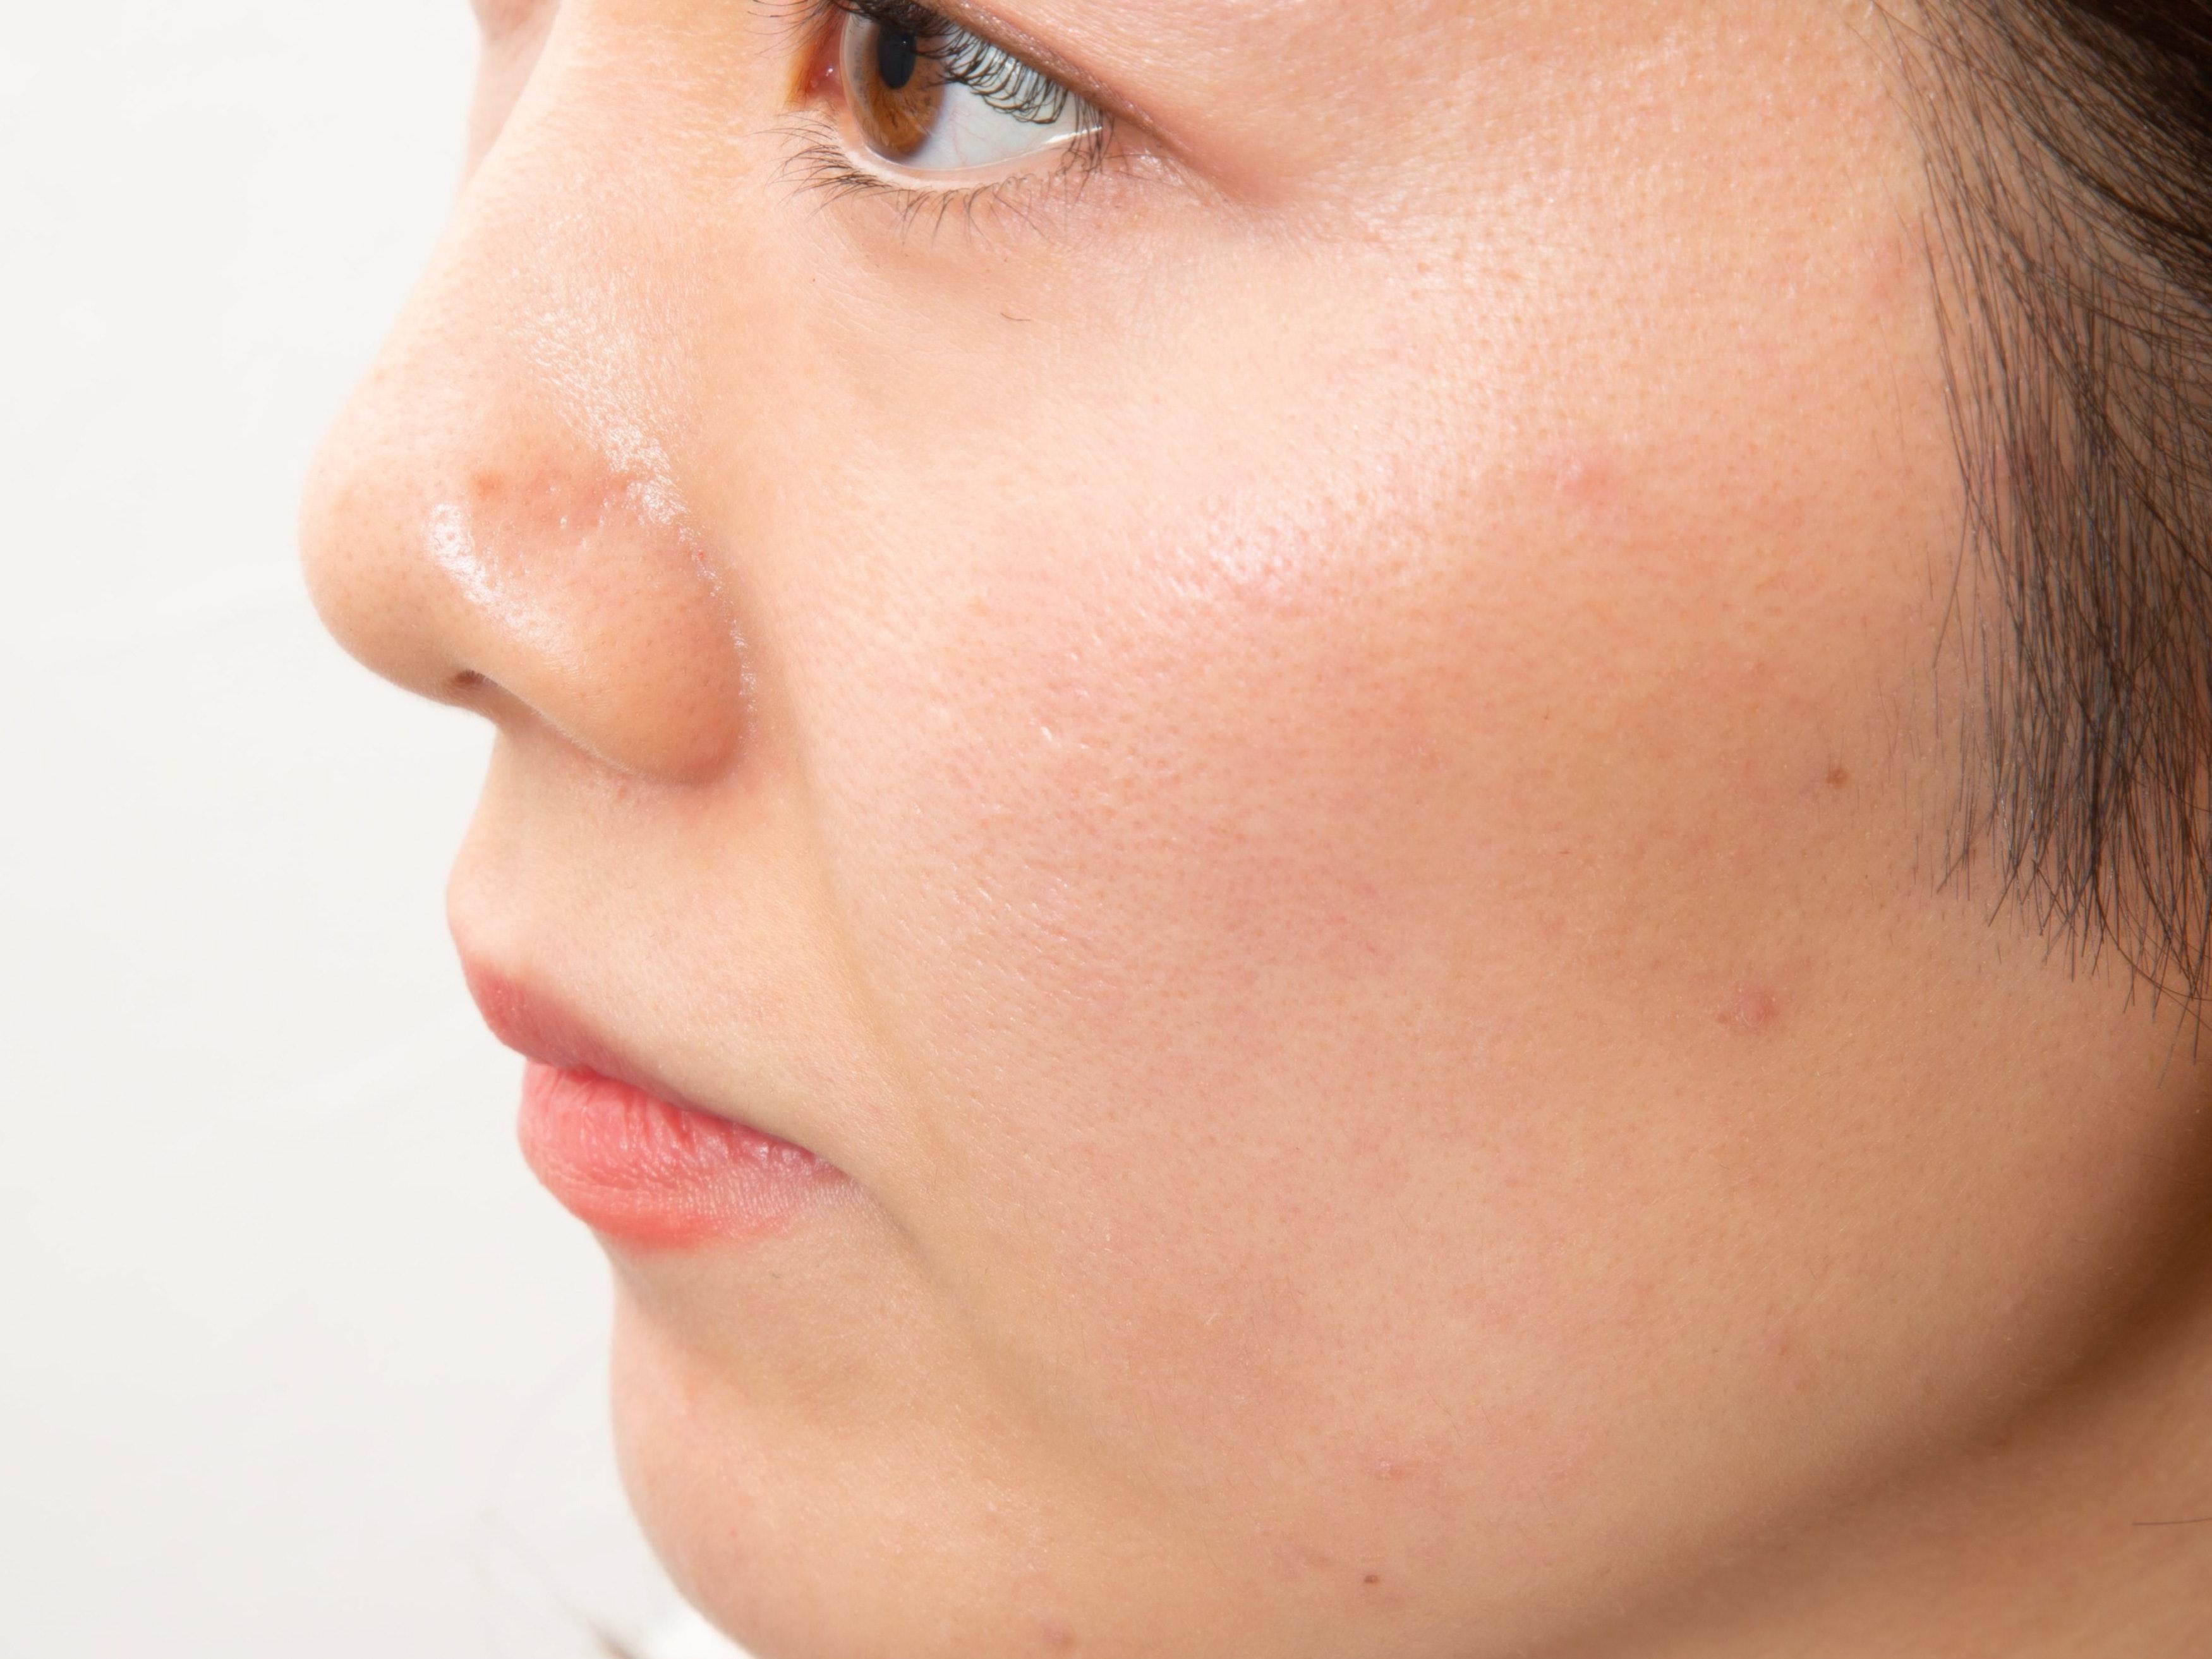 Nếu bạn có cảm giác khô, bạn có thể có được làn da bóng hoặc nửa mờ cho làn da ẩm.